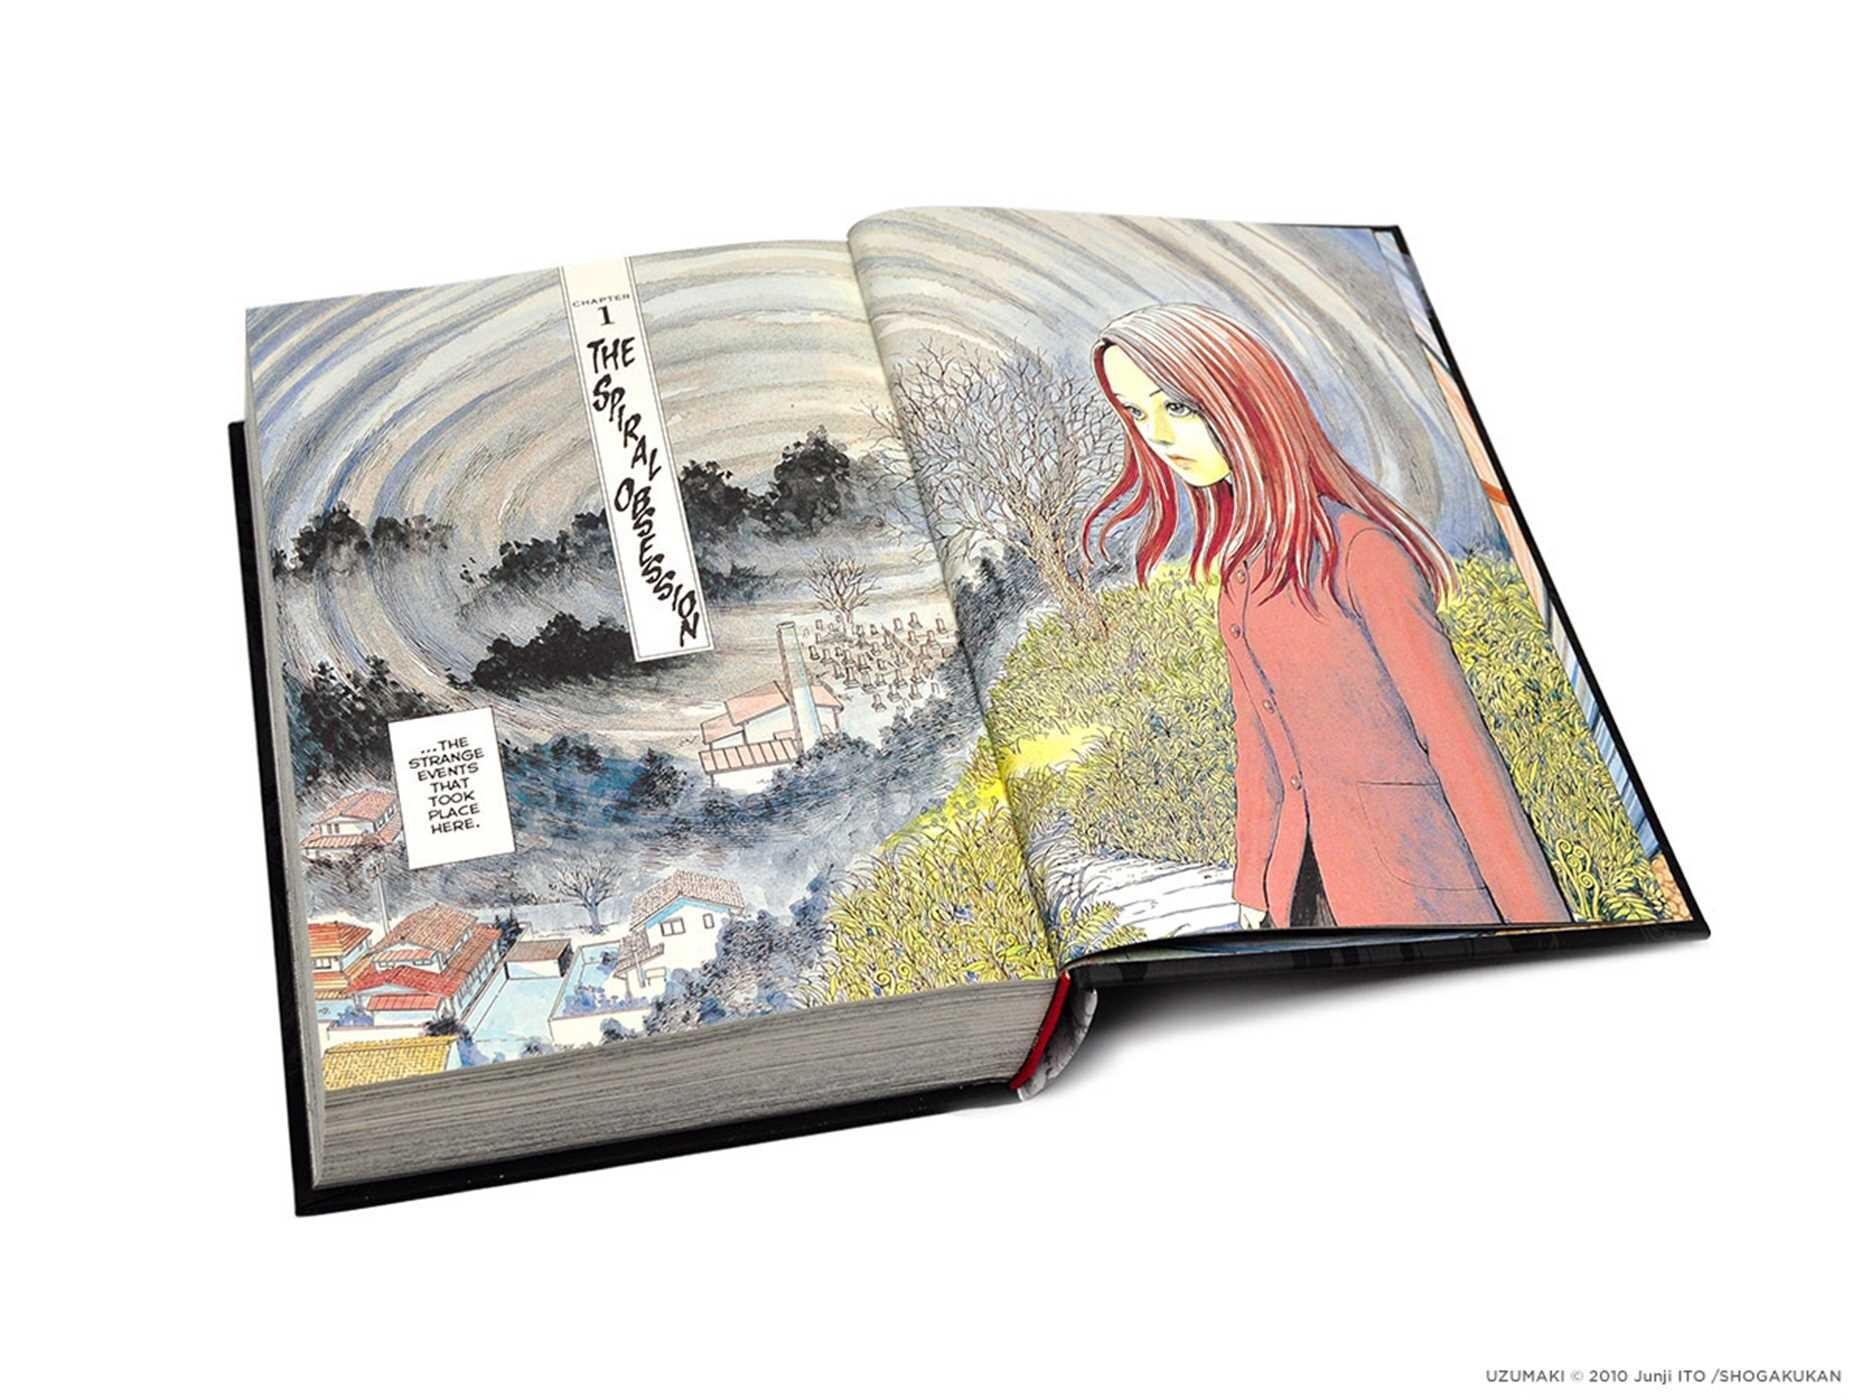 Uzumaki 3 in 1 deluxe edition 9781421561325.in02